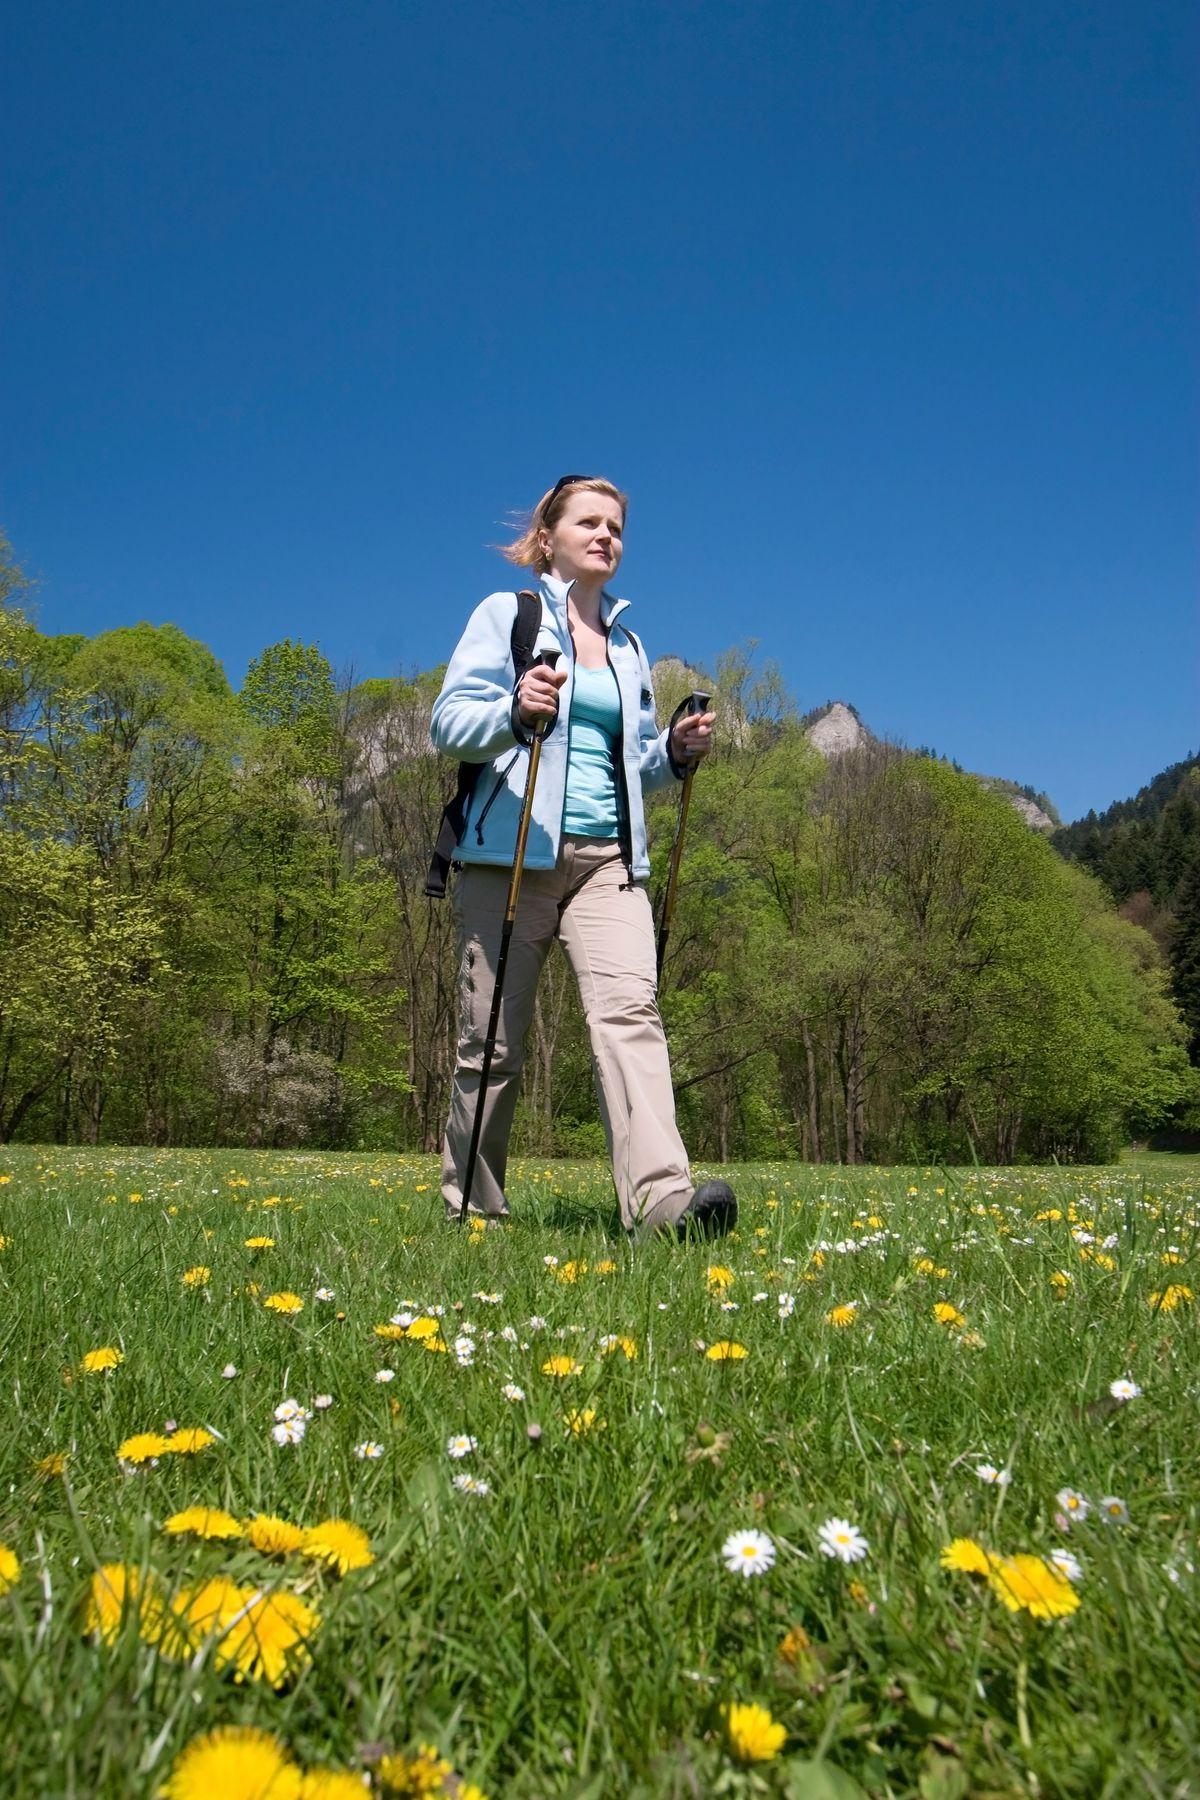 """Auszeit & Entspannung -""""Wellbeing""""- zum Frühling"""